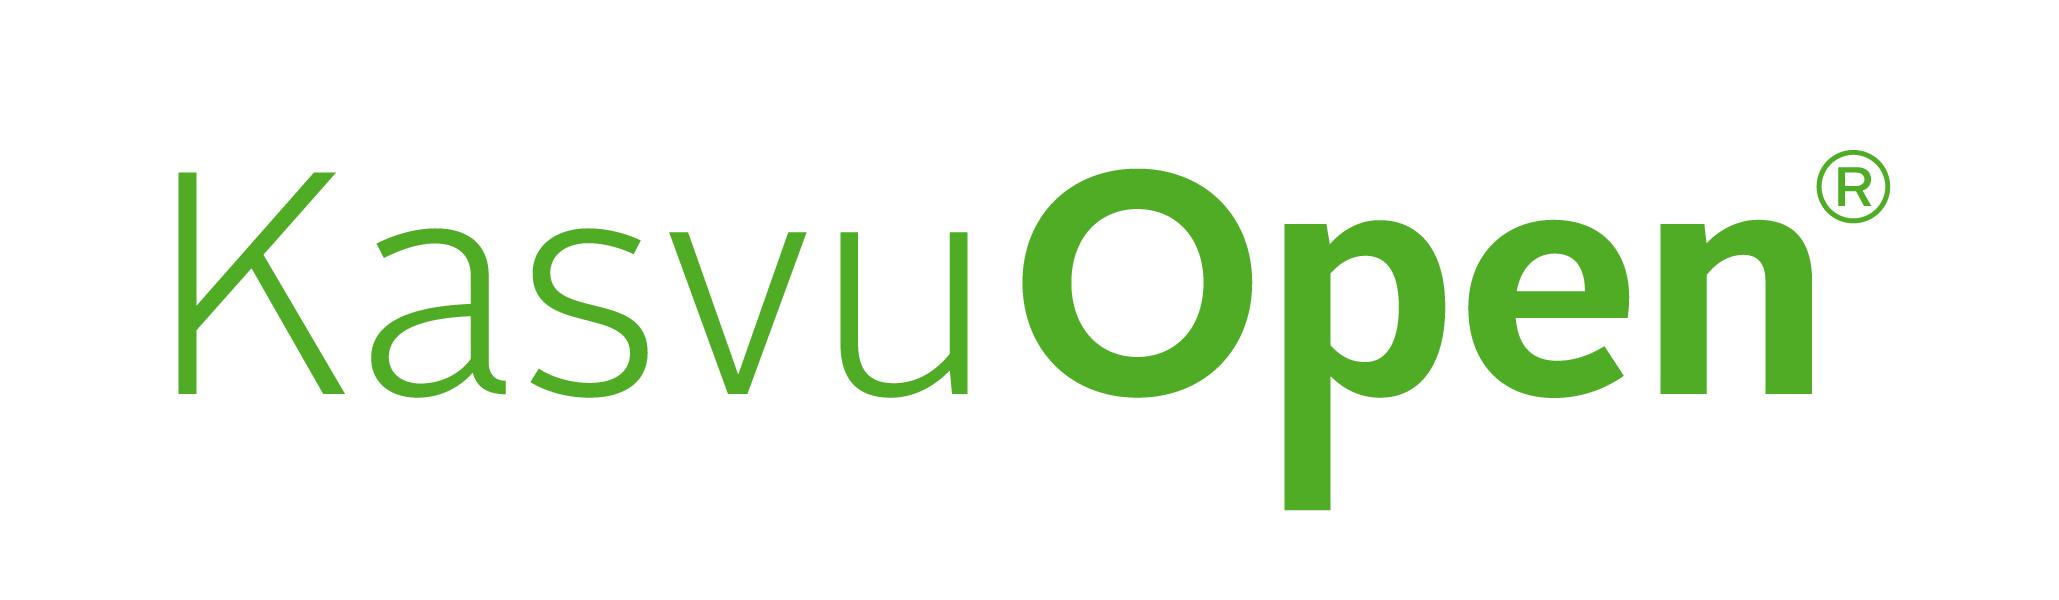 Kasvu_open_logo_2015-web-01.jpg